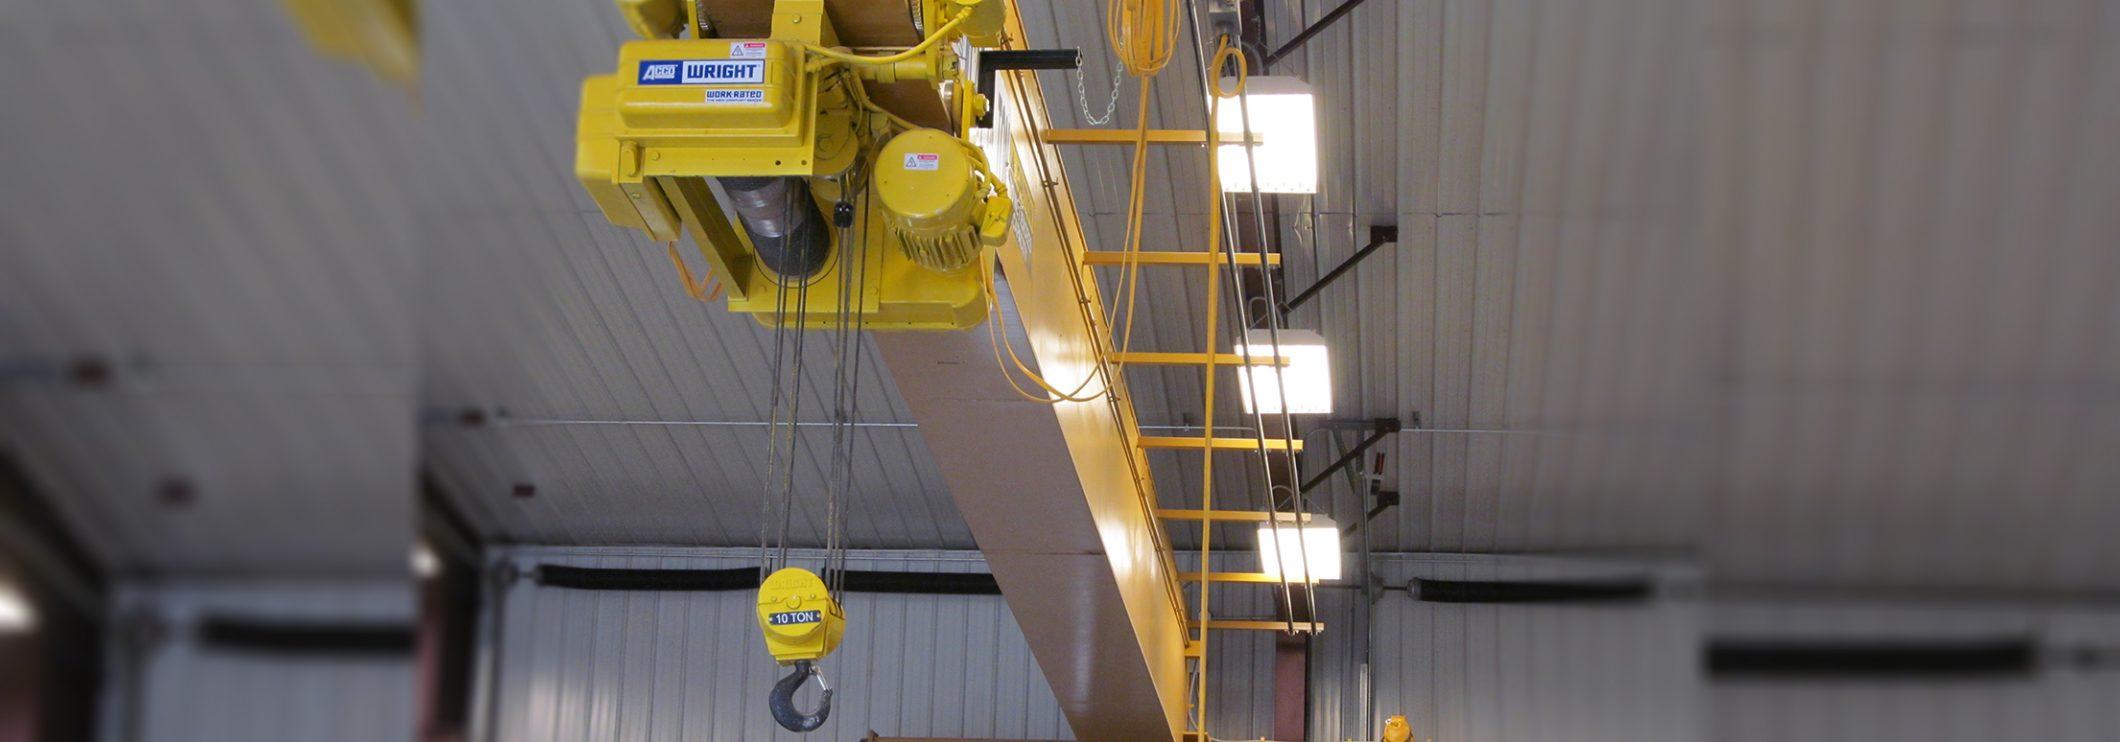 ACCO Hoists in Warehouse